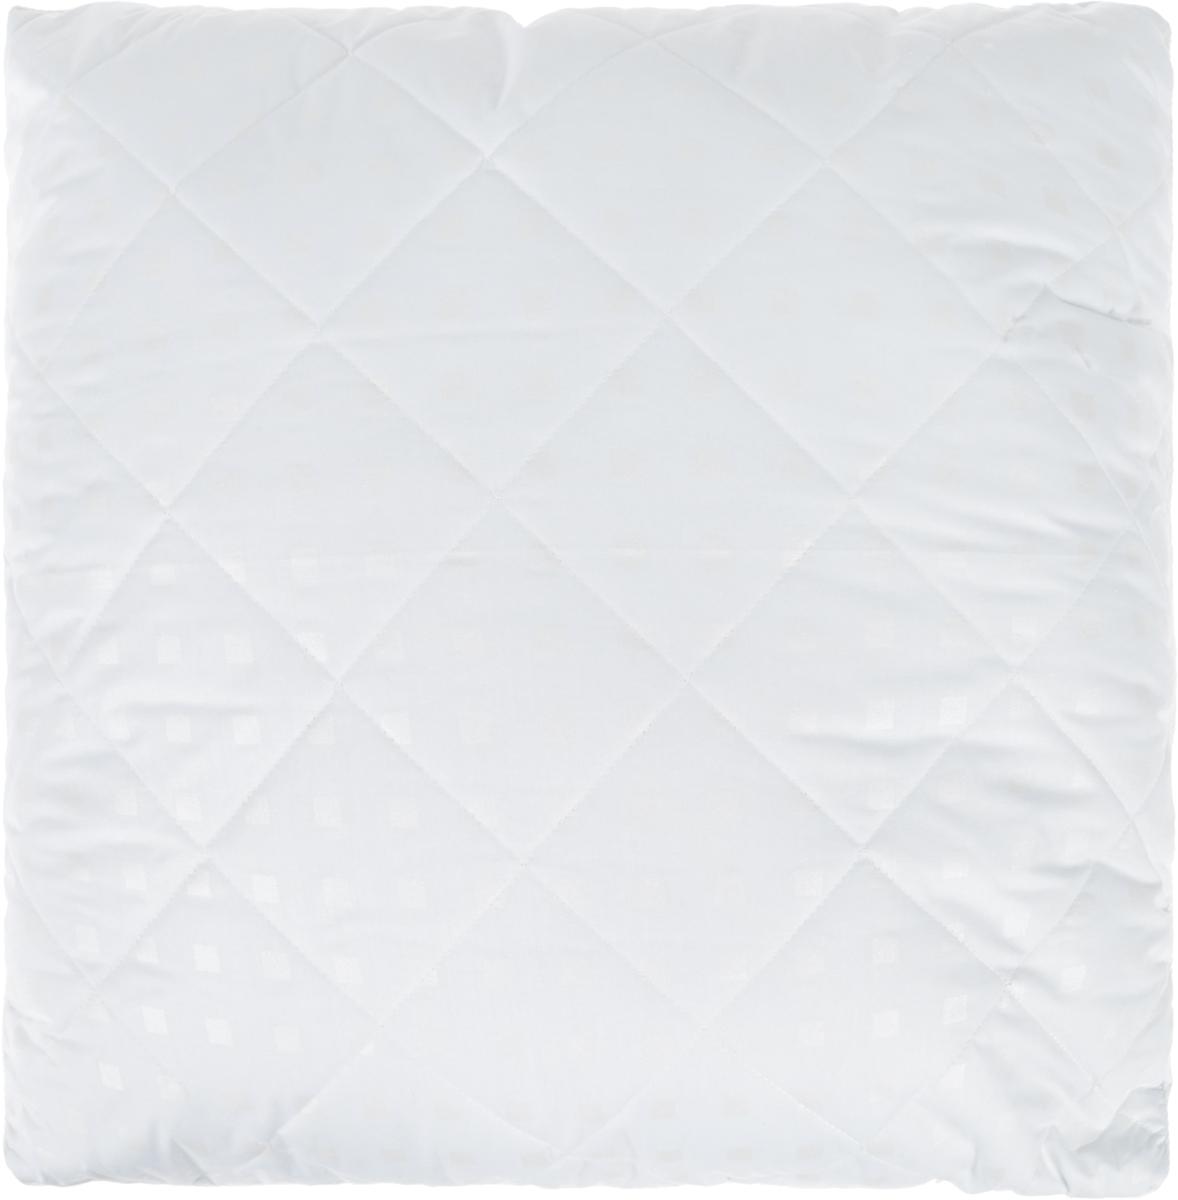 Подушка Bio-Teхtiles Очарование, наполнитель: искусственный лебяжий пух, цвет: белый, 70 х 70 см подушка bio textiles полезный сон наполнитель лебяжий пух цвет бежевый 50 х 70 см psl737